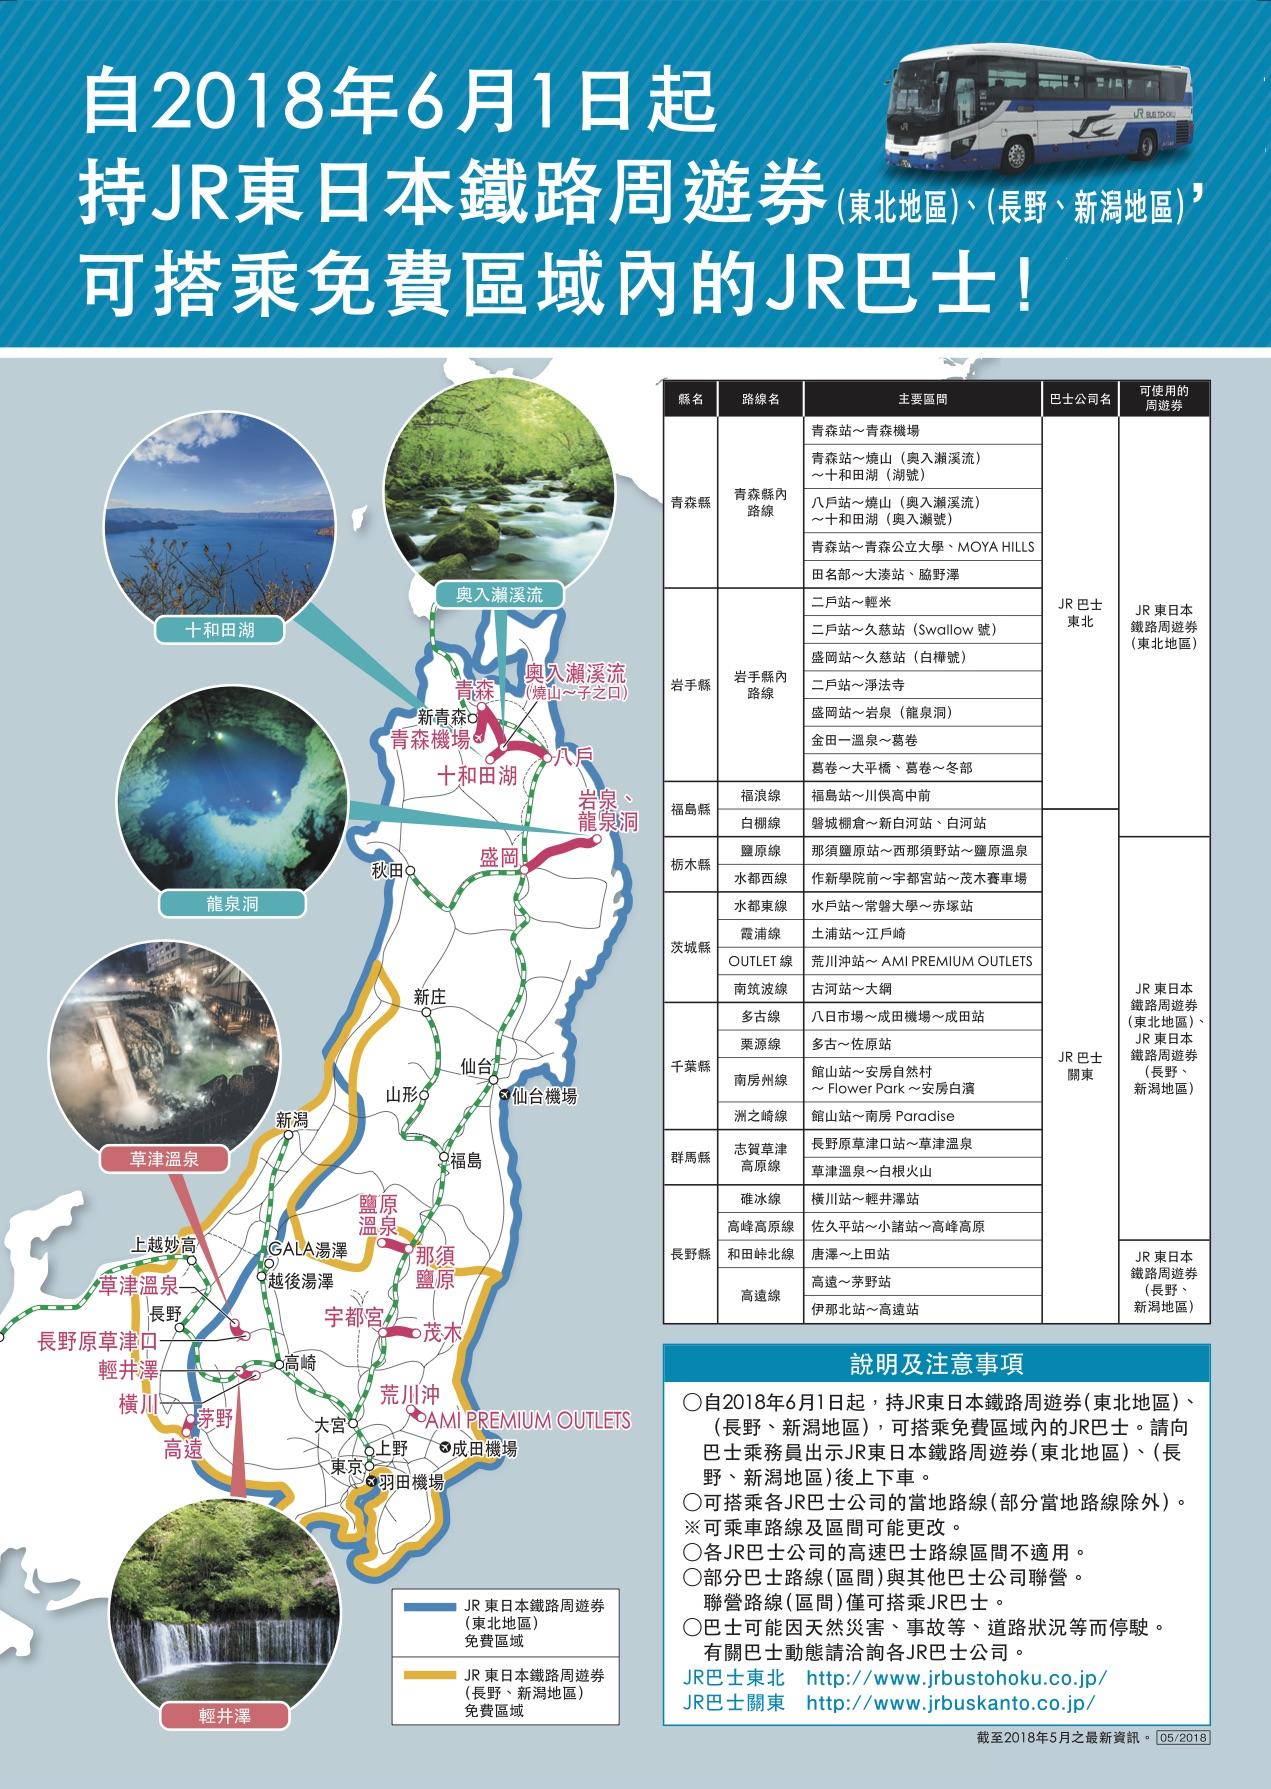 東北交通-JR EAST PASS東日本鐵路周遊券(東北地區) @愛旅行 - 右上的世界食旅